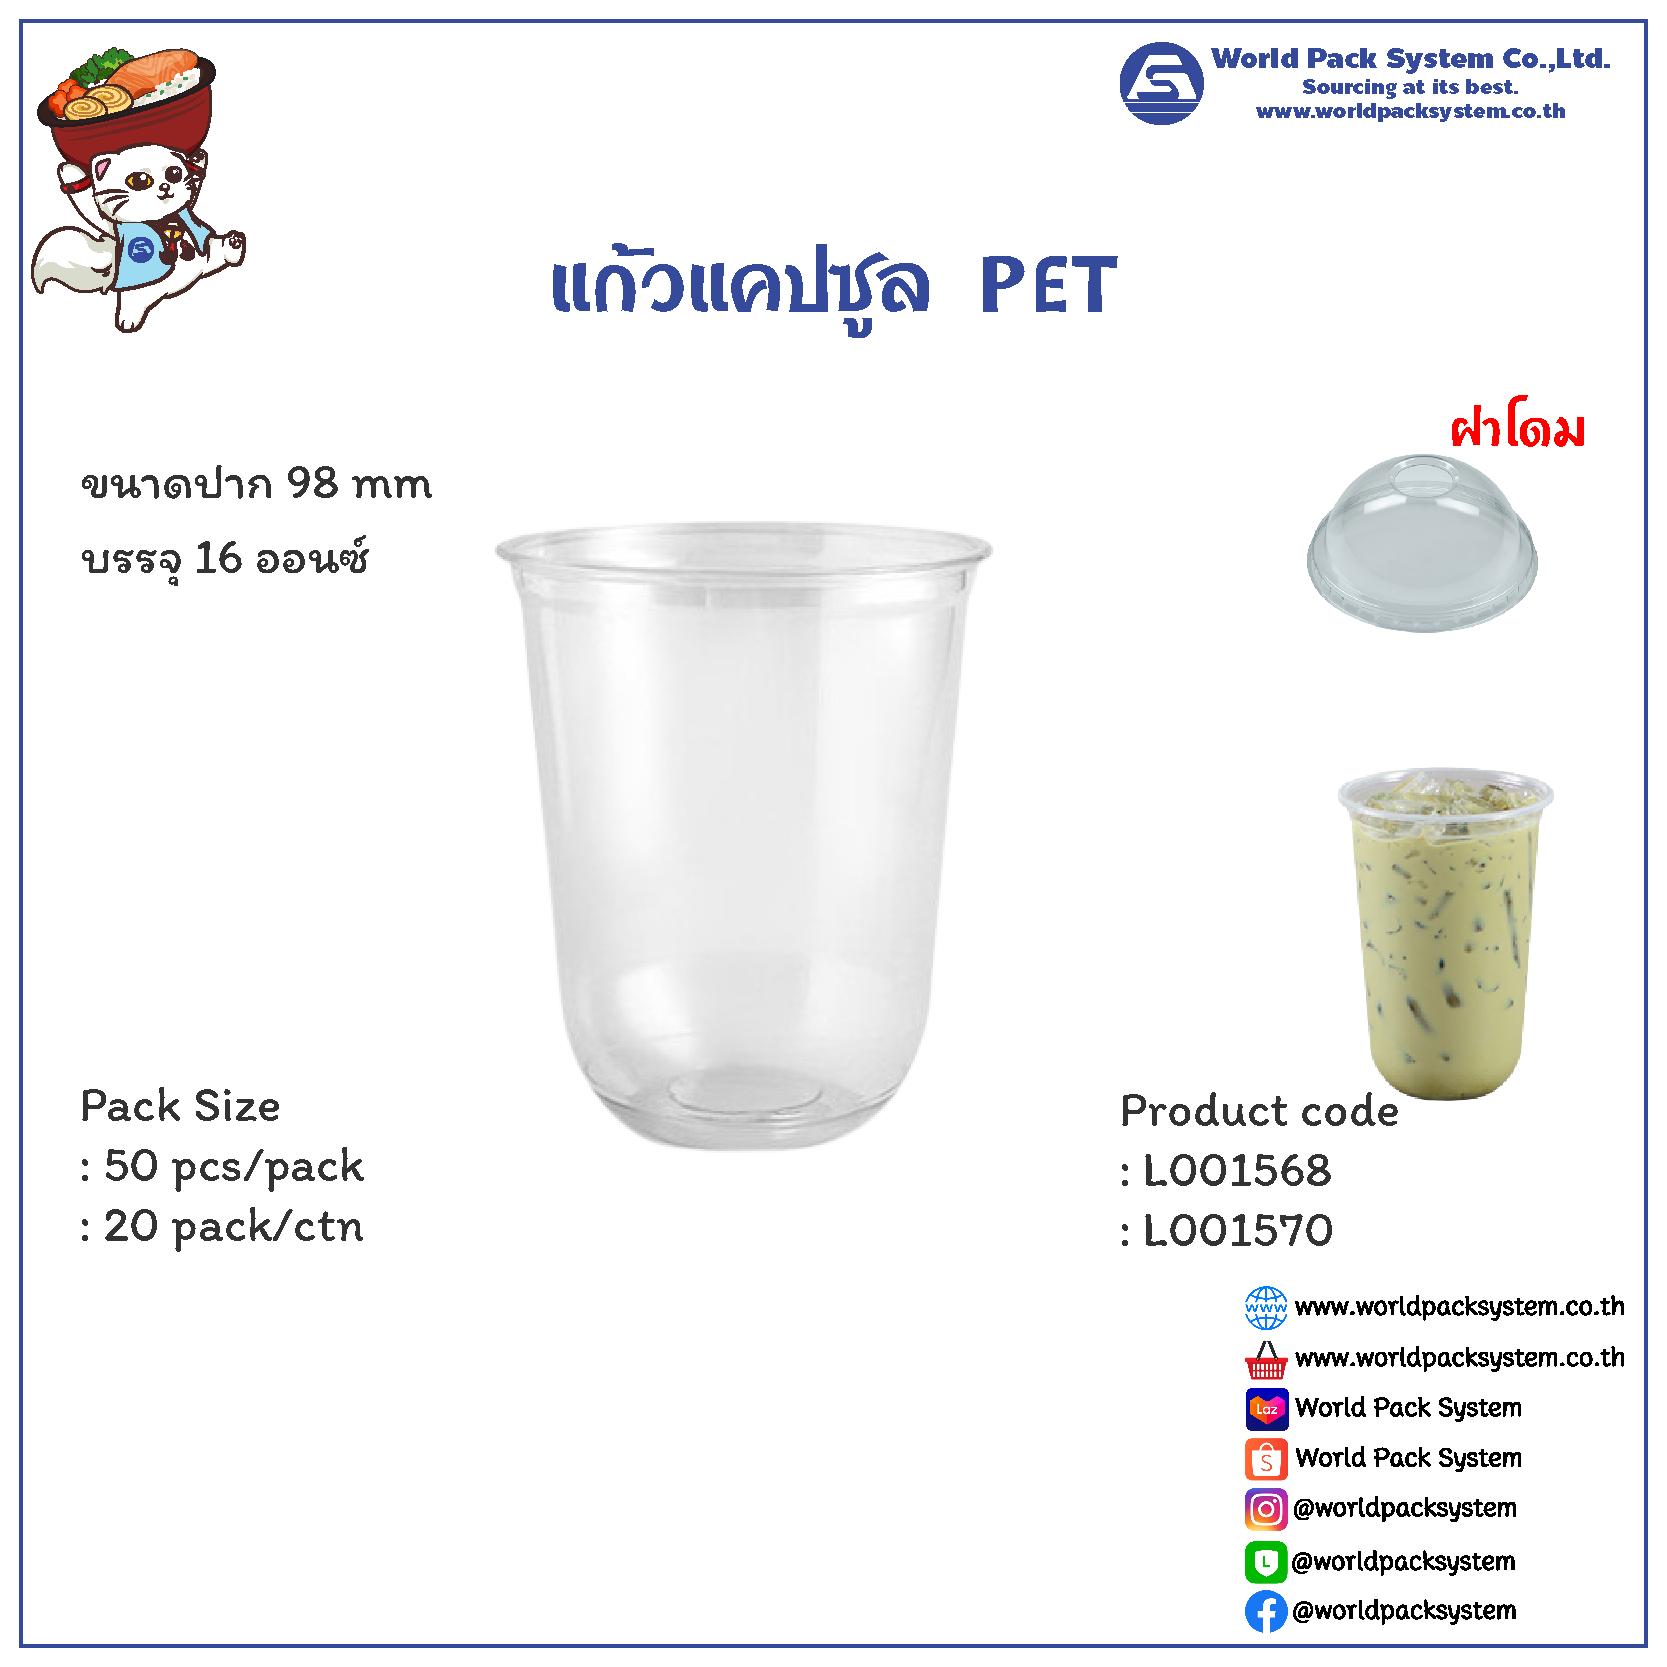 แก้วแคปซูล PET ขนาด 16 ออนซ์ (ปาก 98 มม.) พร้อมฝาโดม (50 ชุด)